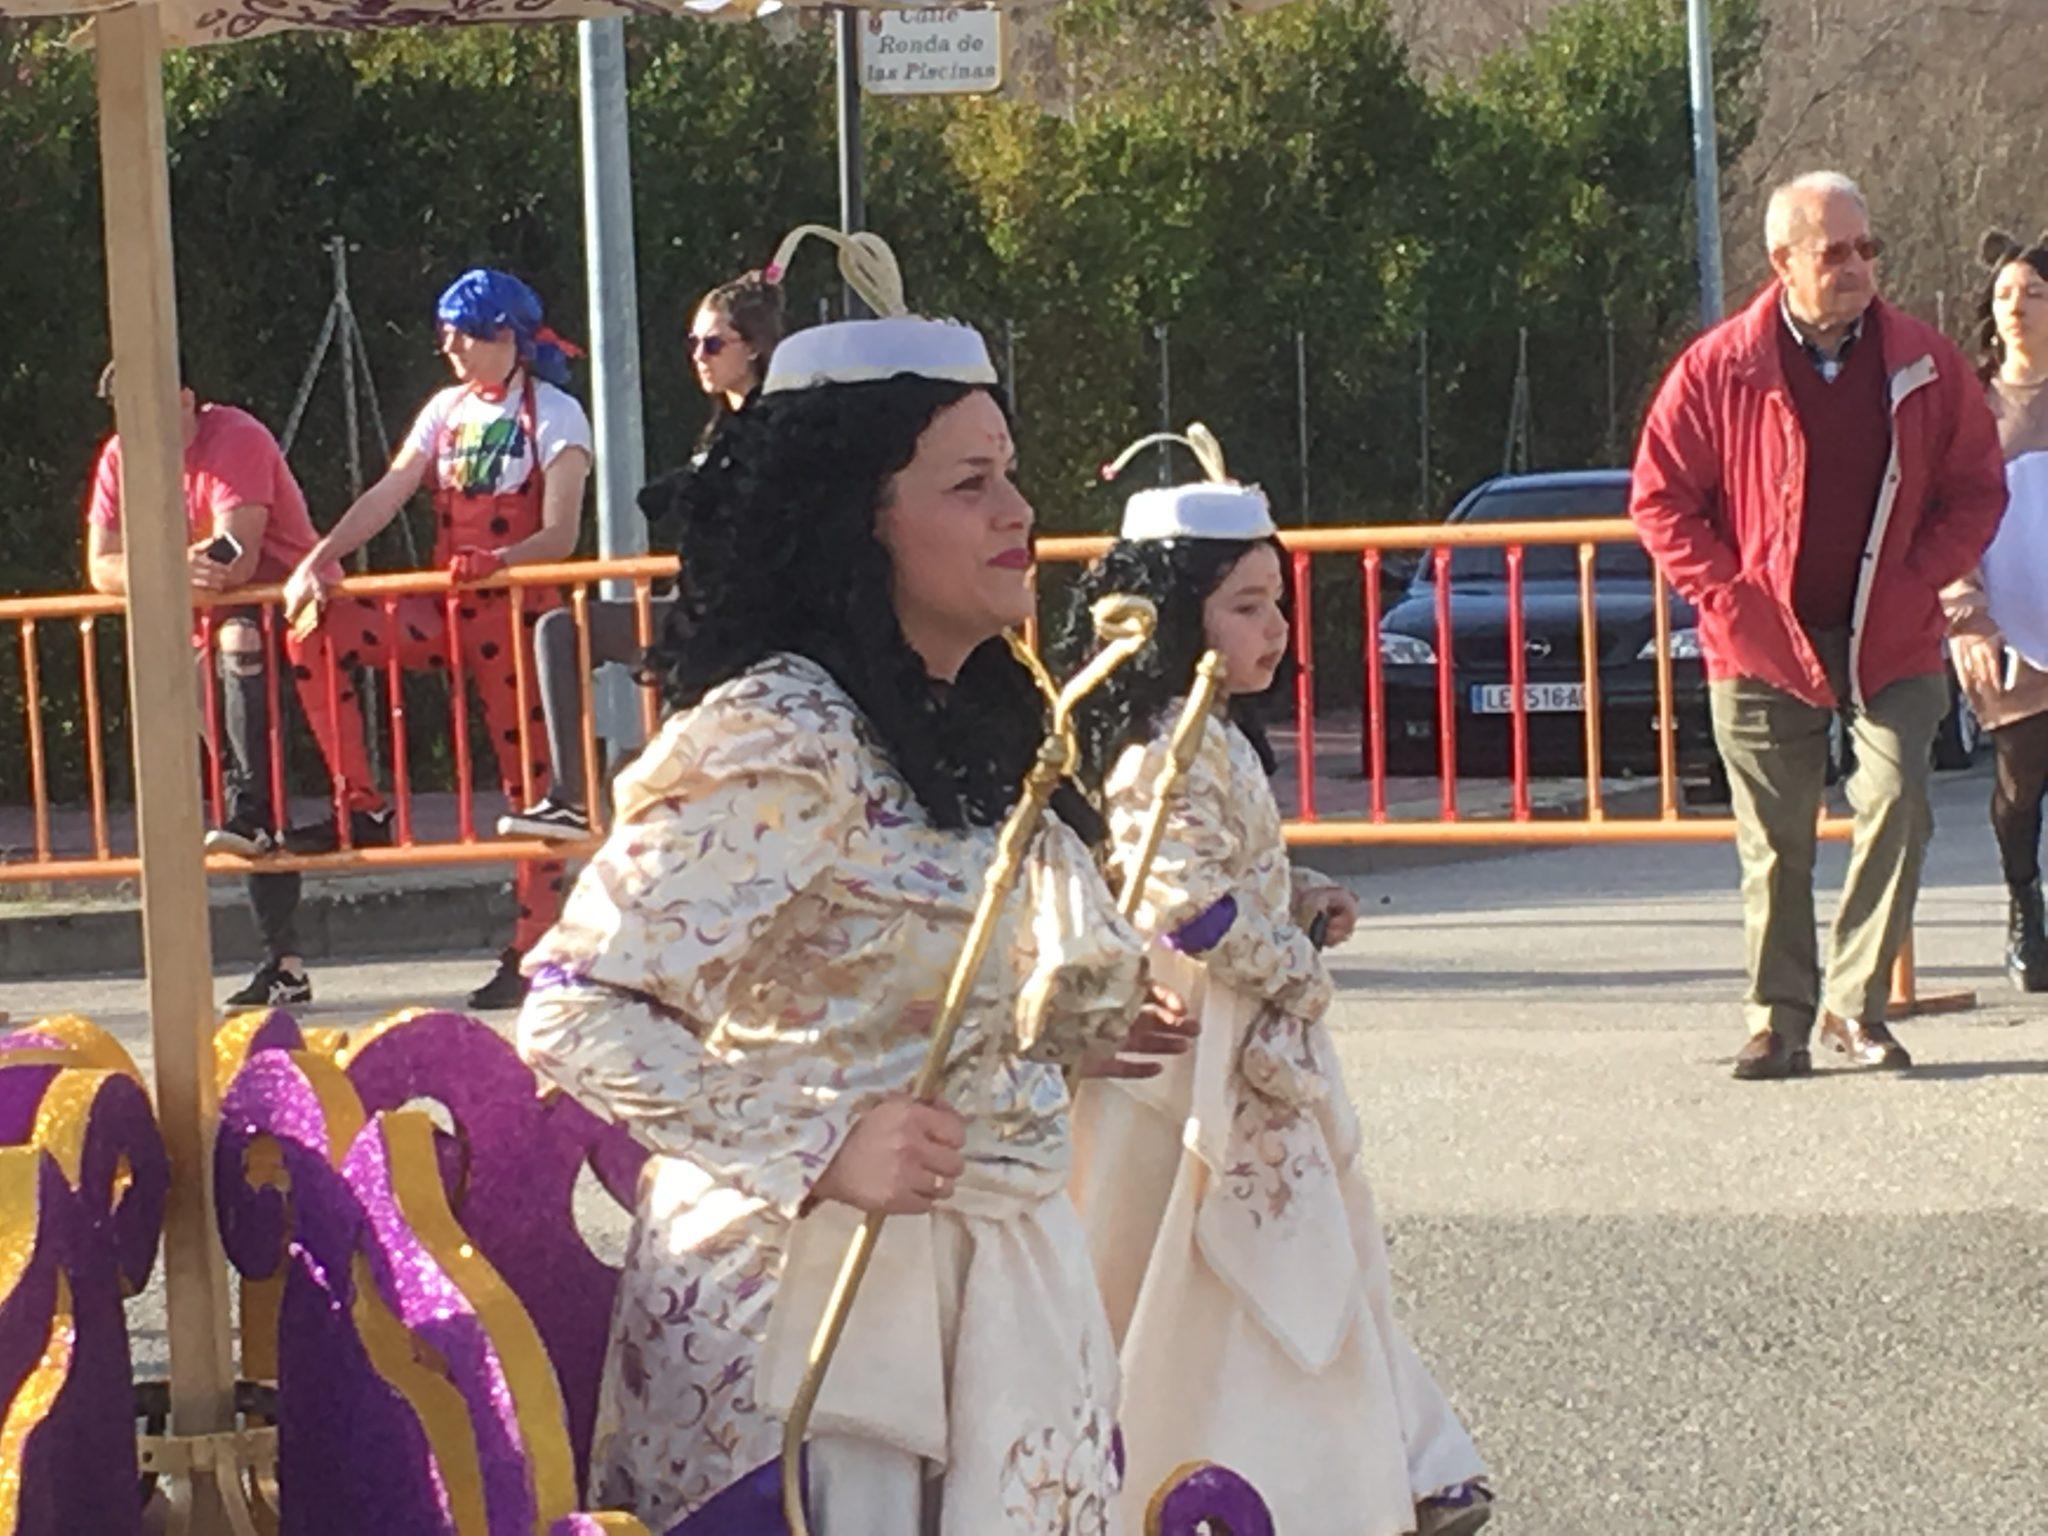 Desfile de Carnaval Cubillos del Sil 2019 - Álbum de fotos 34